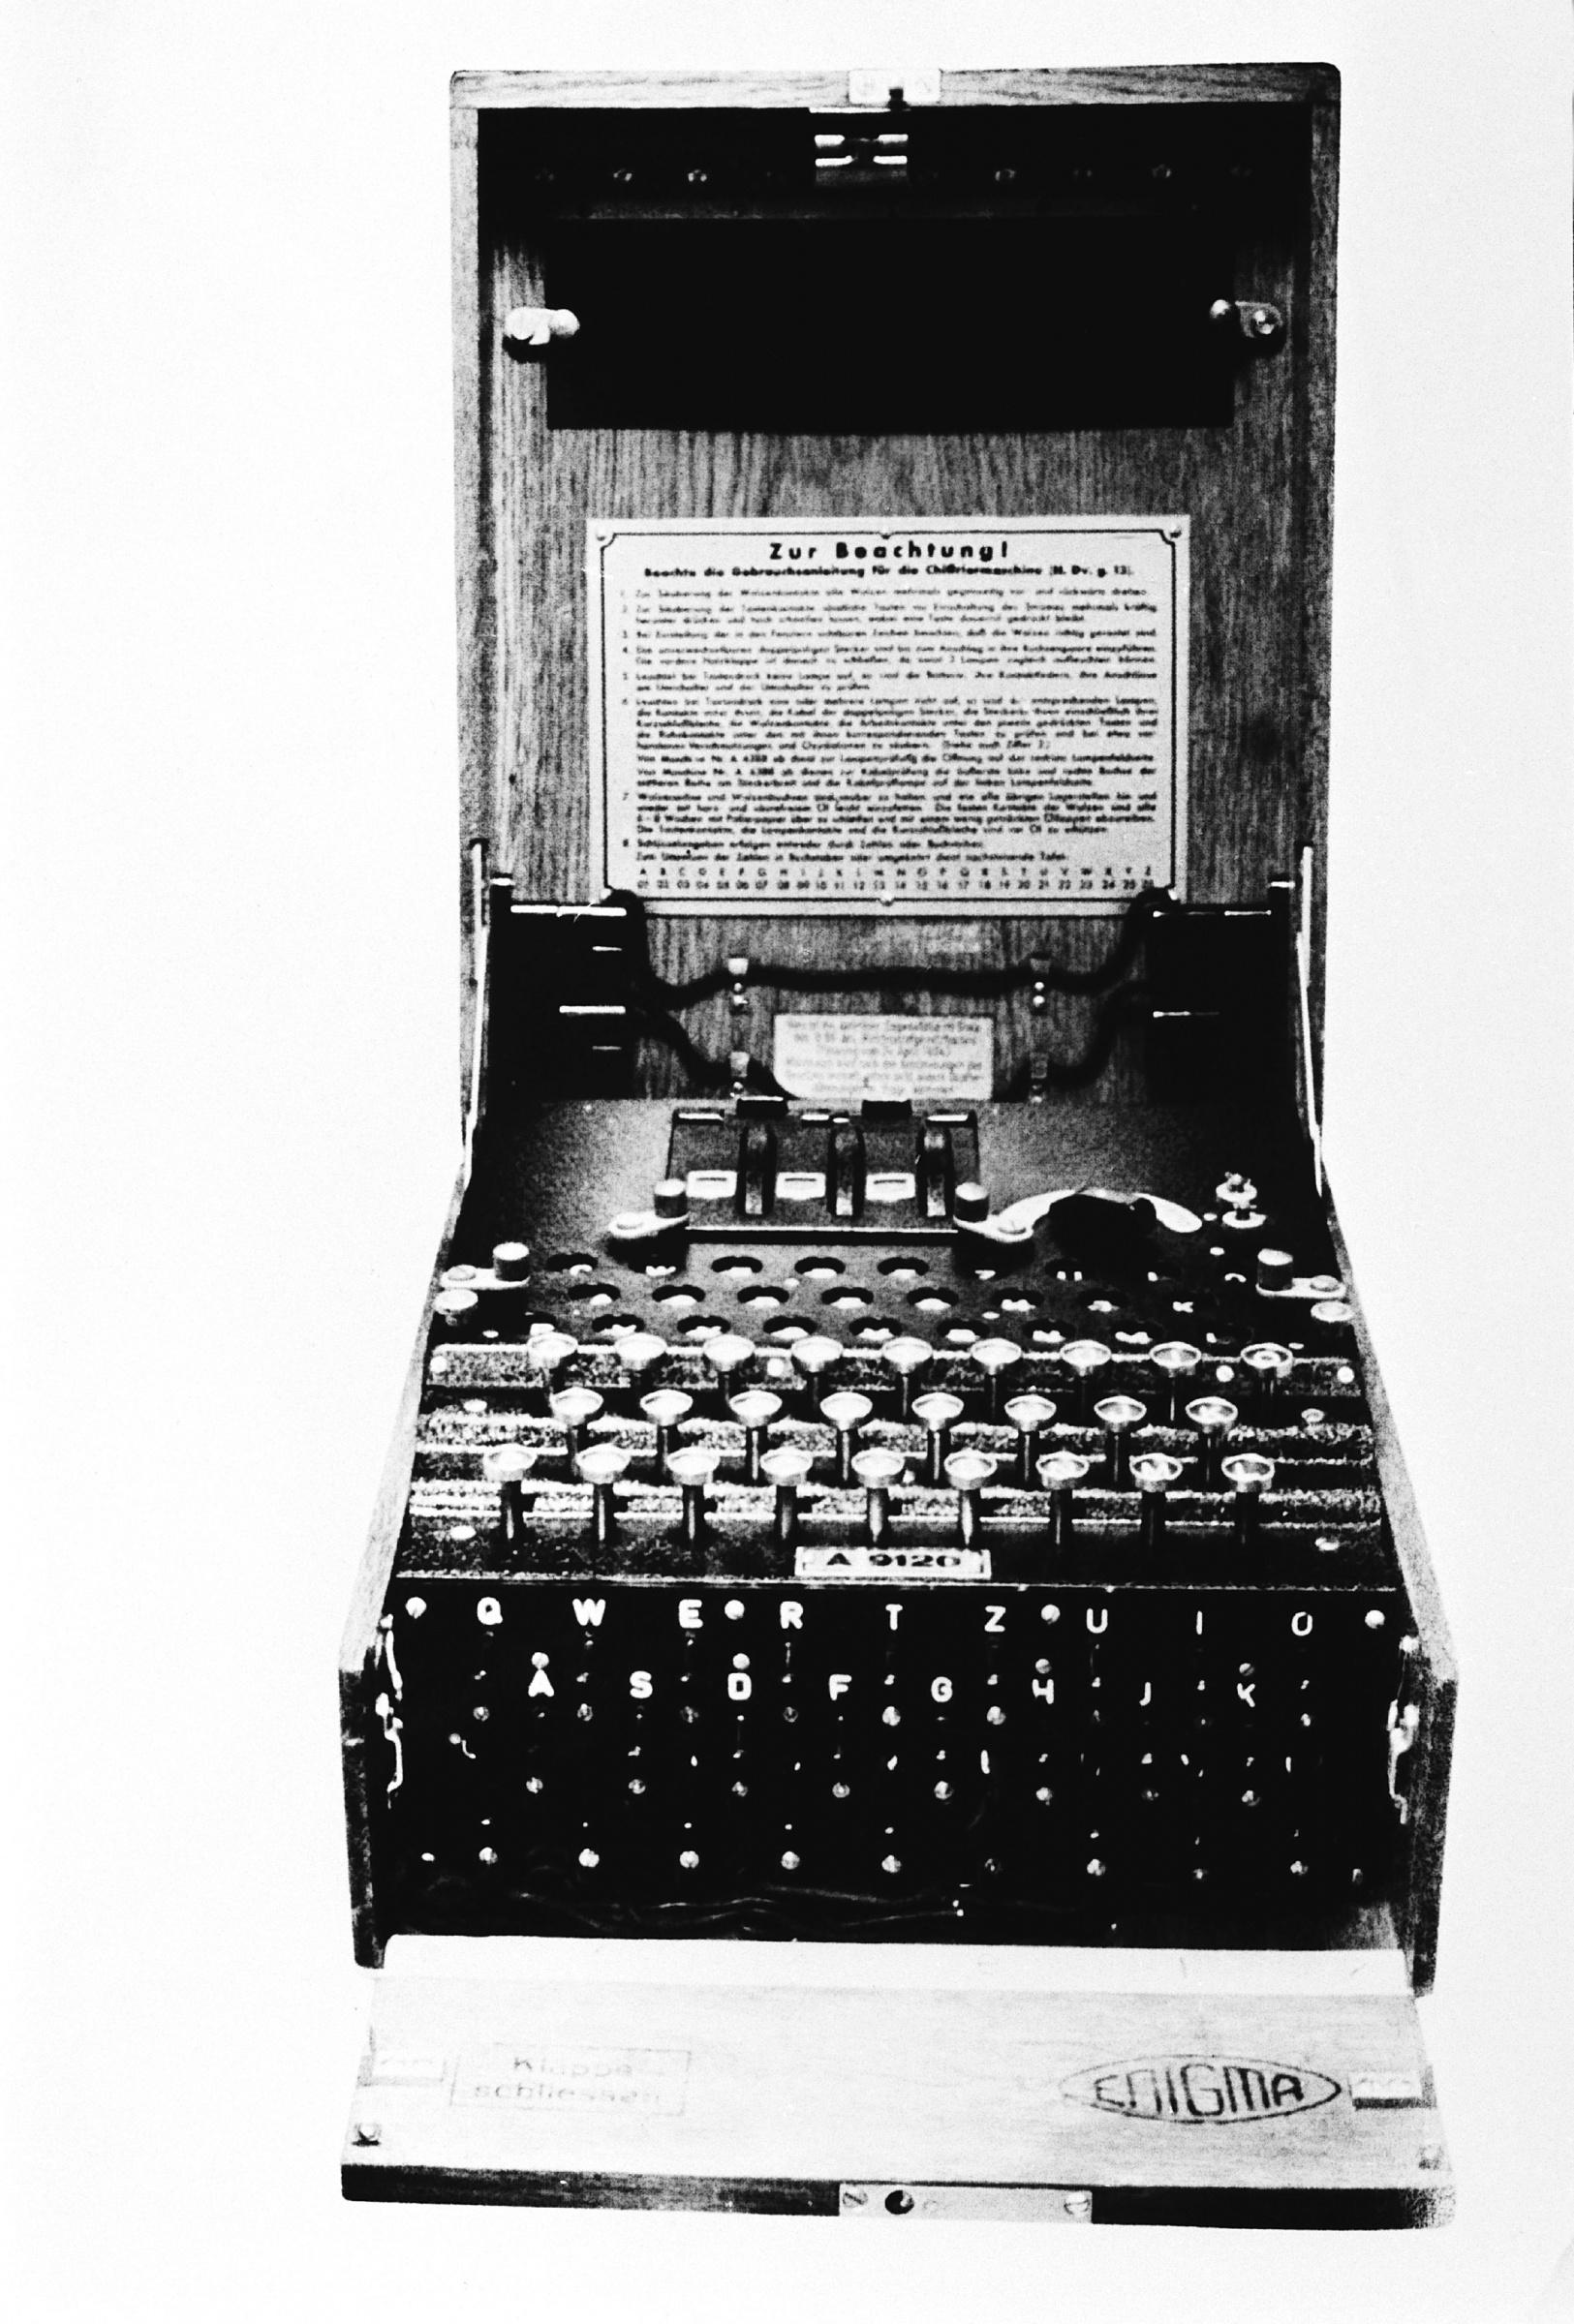 Enigma20machine-81d9553